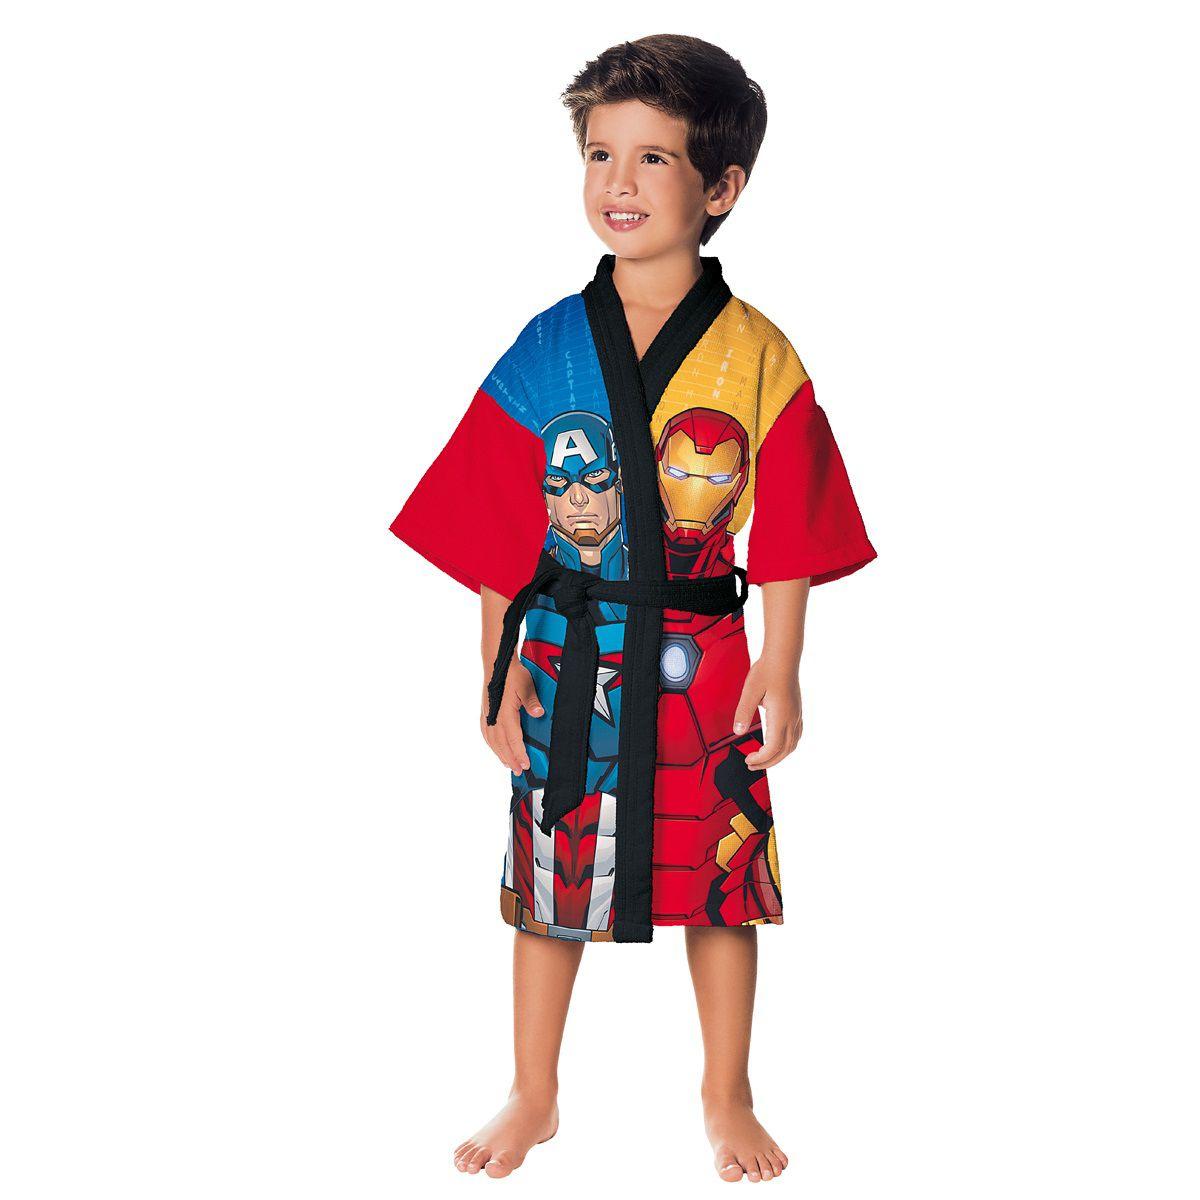 Kids e Personagens MADRIGAL ENXOVAIS - CAMA MESA E BANHOBANHO ... 453ccd01e0c1c